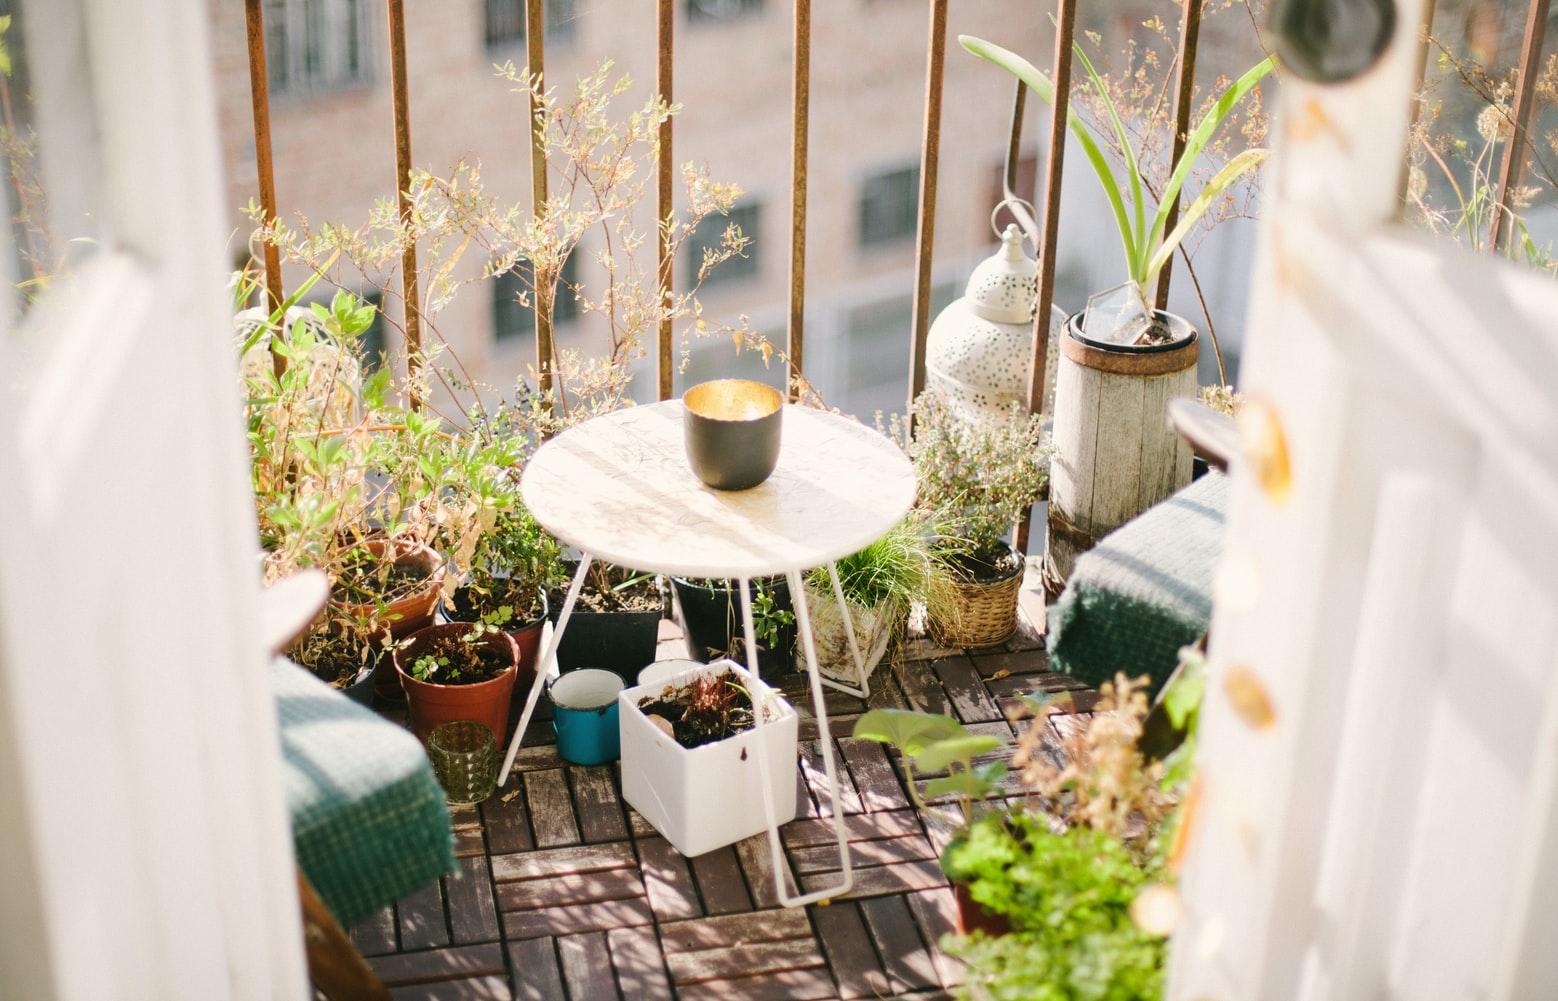 Un jardin sans se fatiguer, c'est possible ! 3